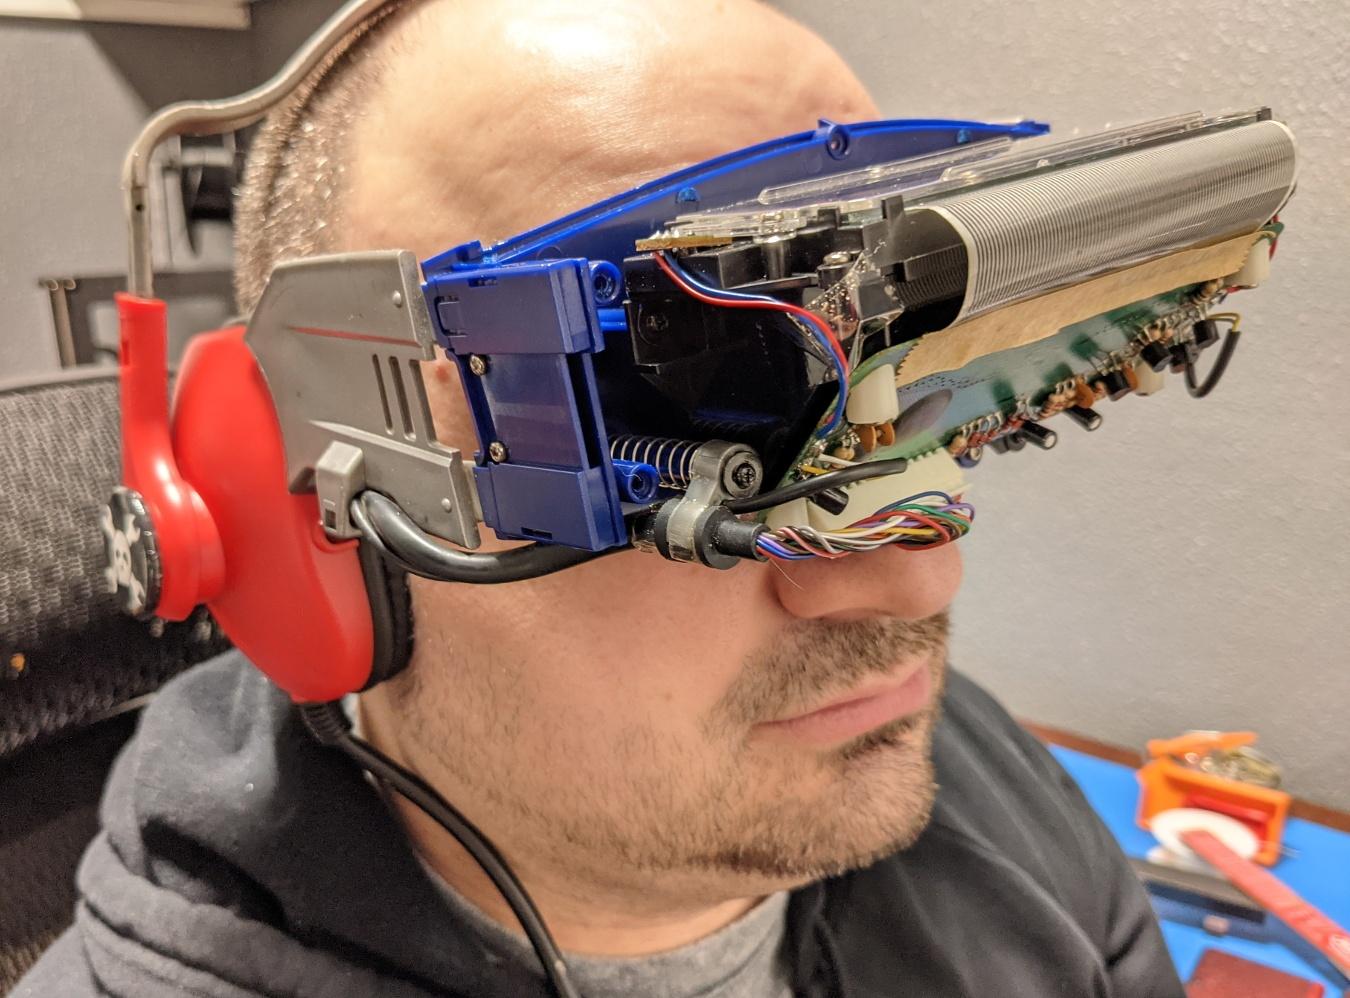 Виртуальная реальность 90-х: разбираем VR-очки RADICA NASCAR I-Racer - 9